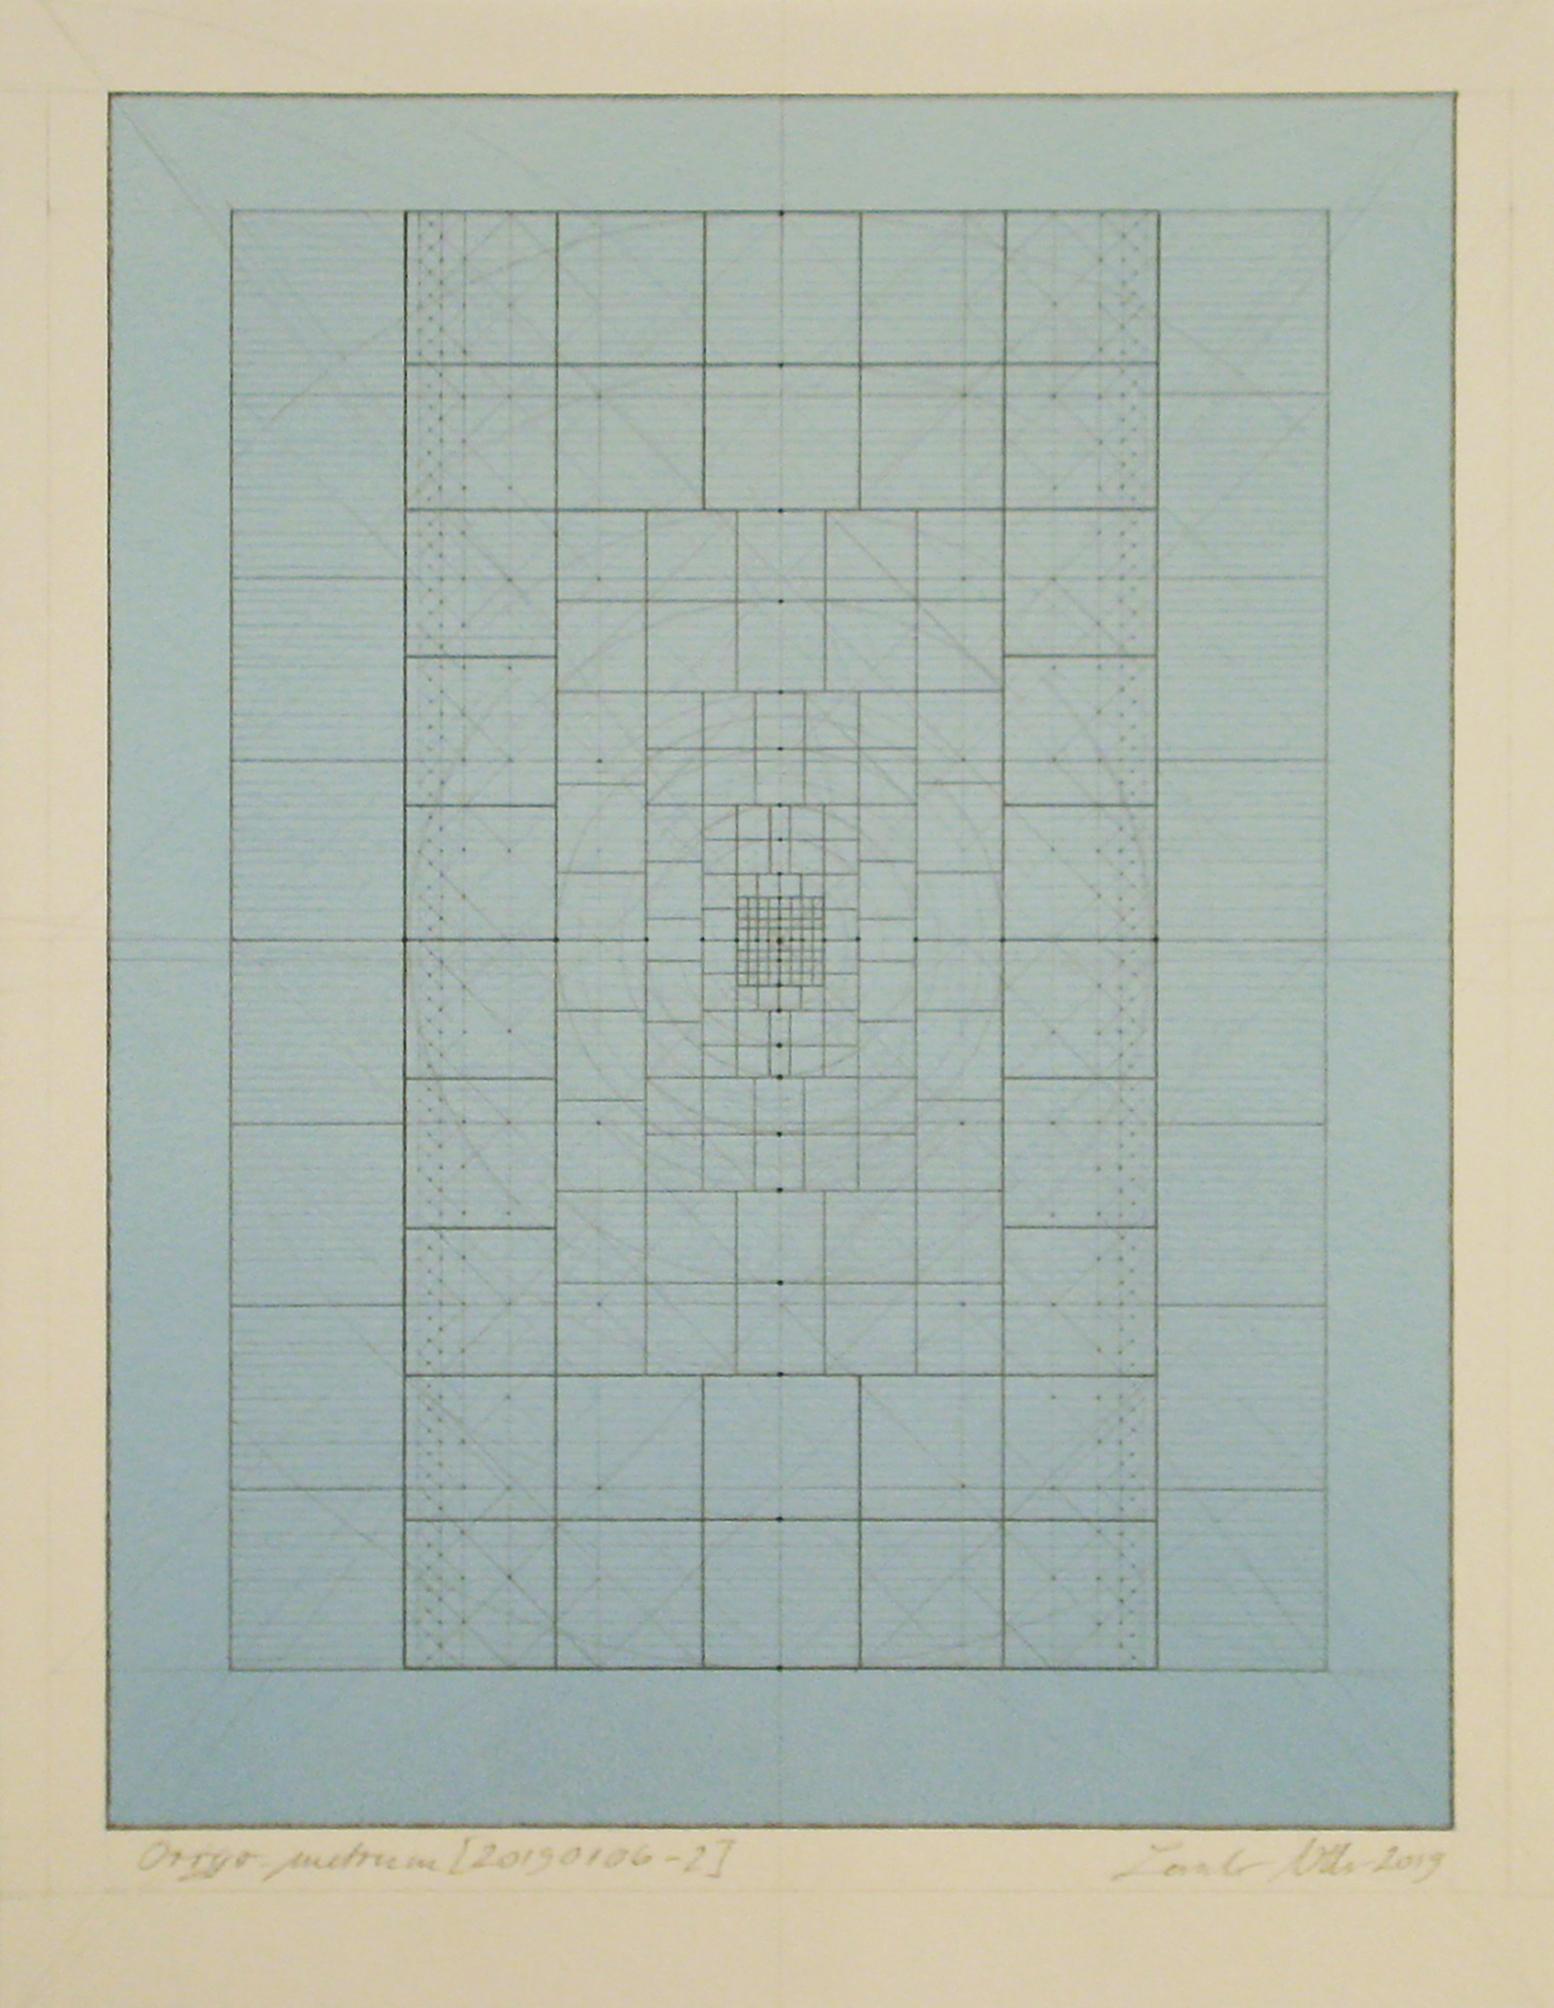 Origo-metrum [20190106-2], pencil on paper, color pigment, 15 3/4 x 11 13/16 in. [40x30cm]